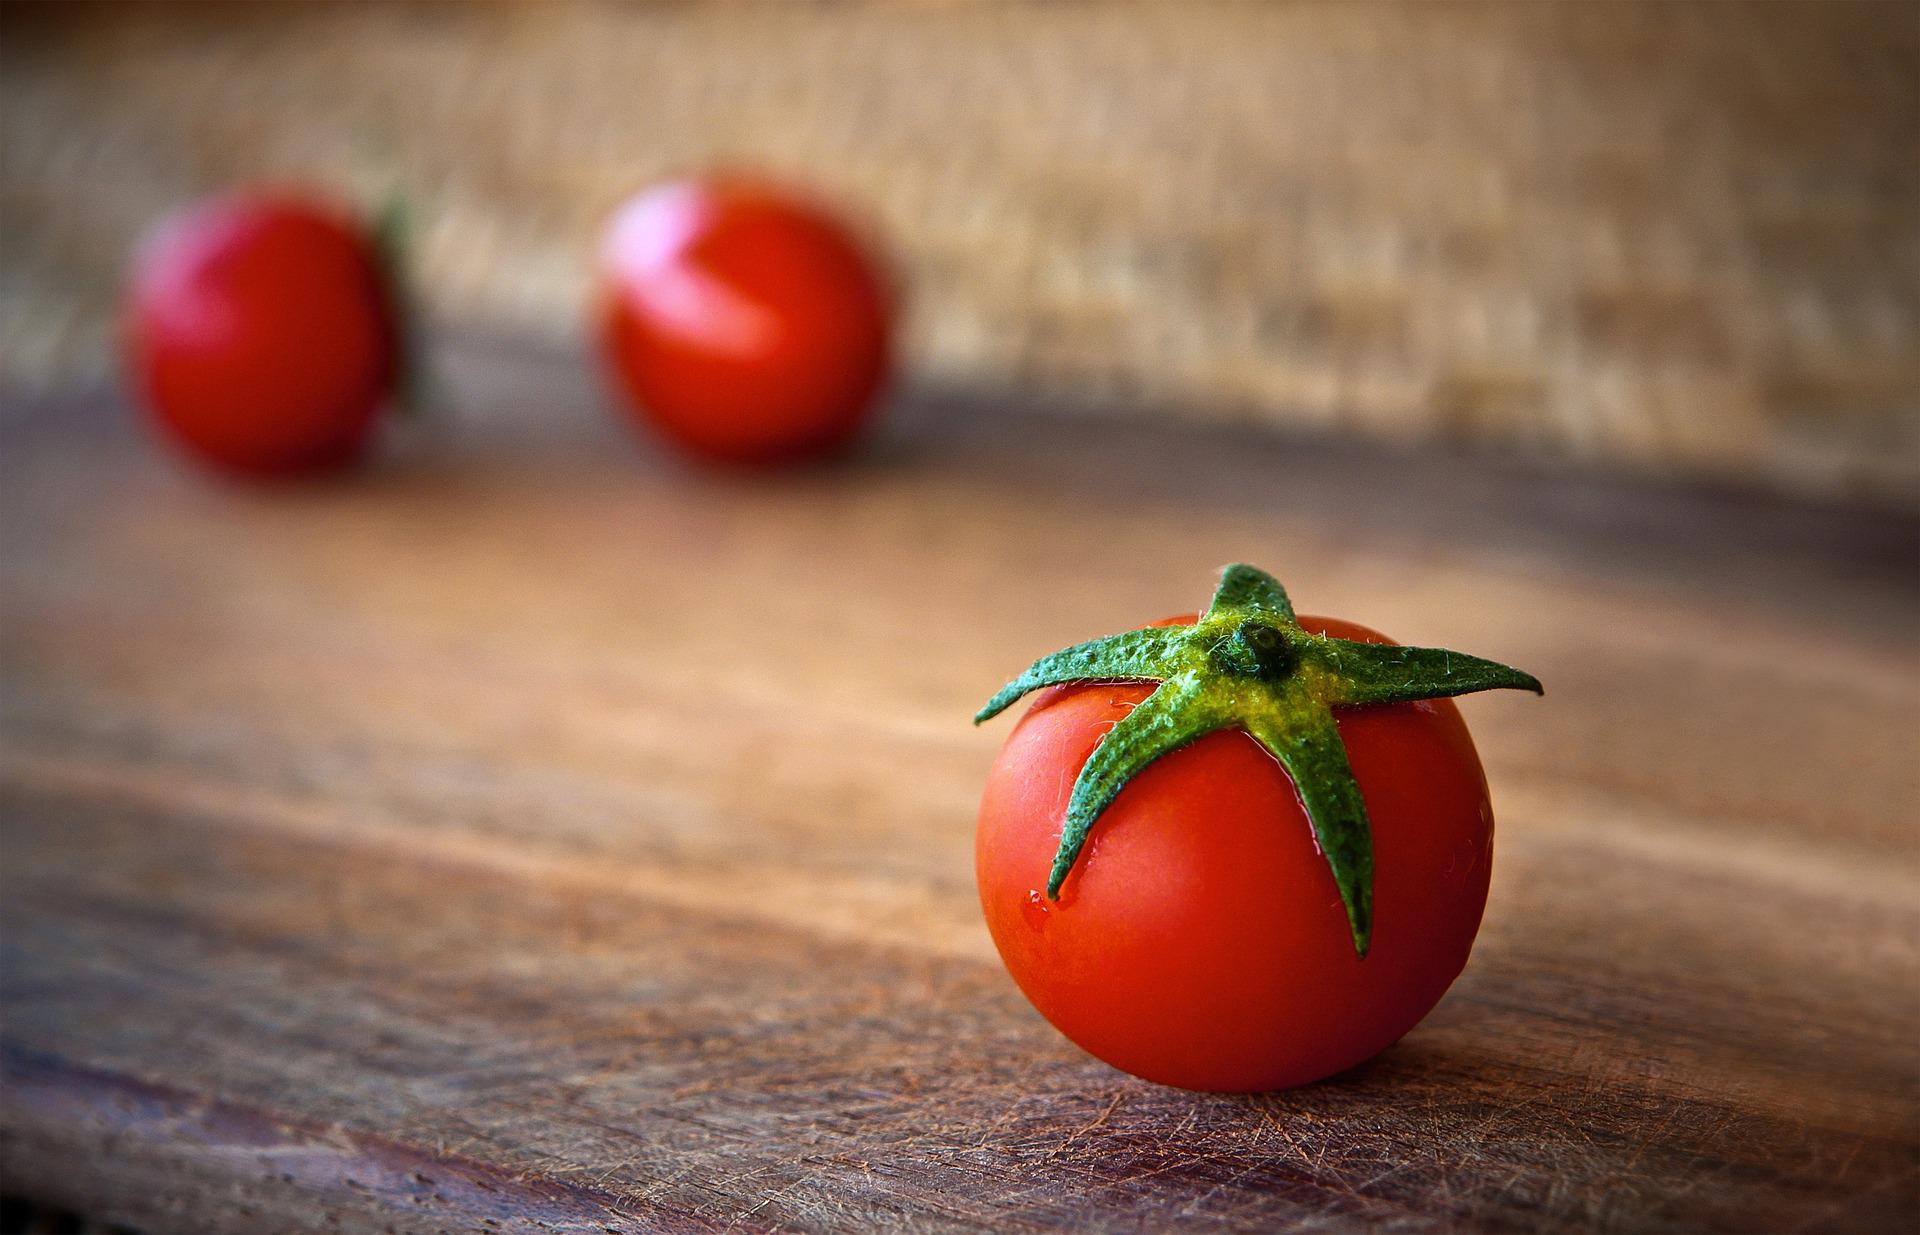 tomato-1205699_1920